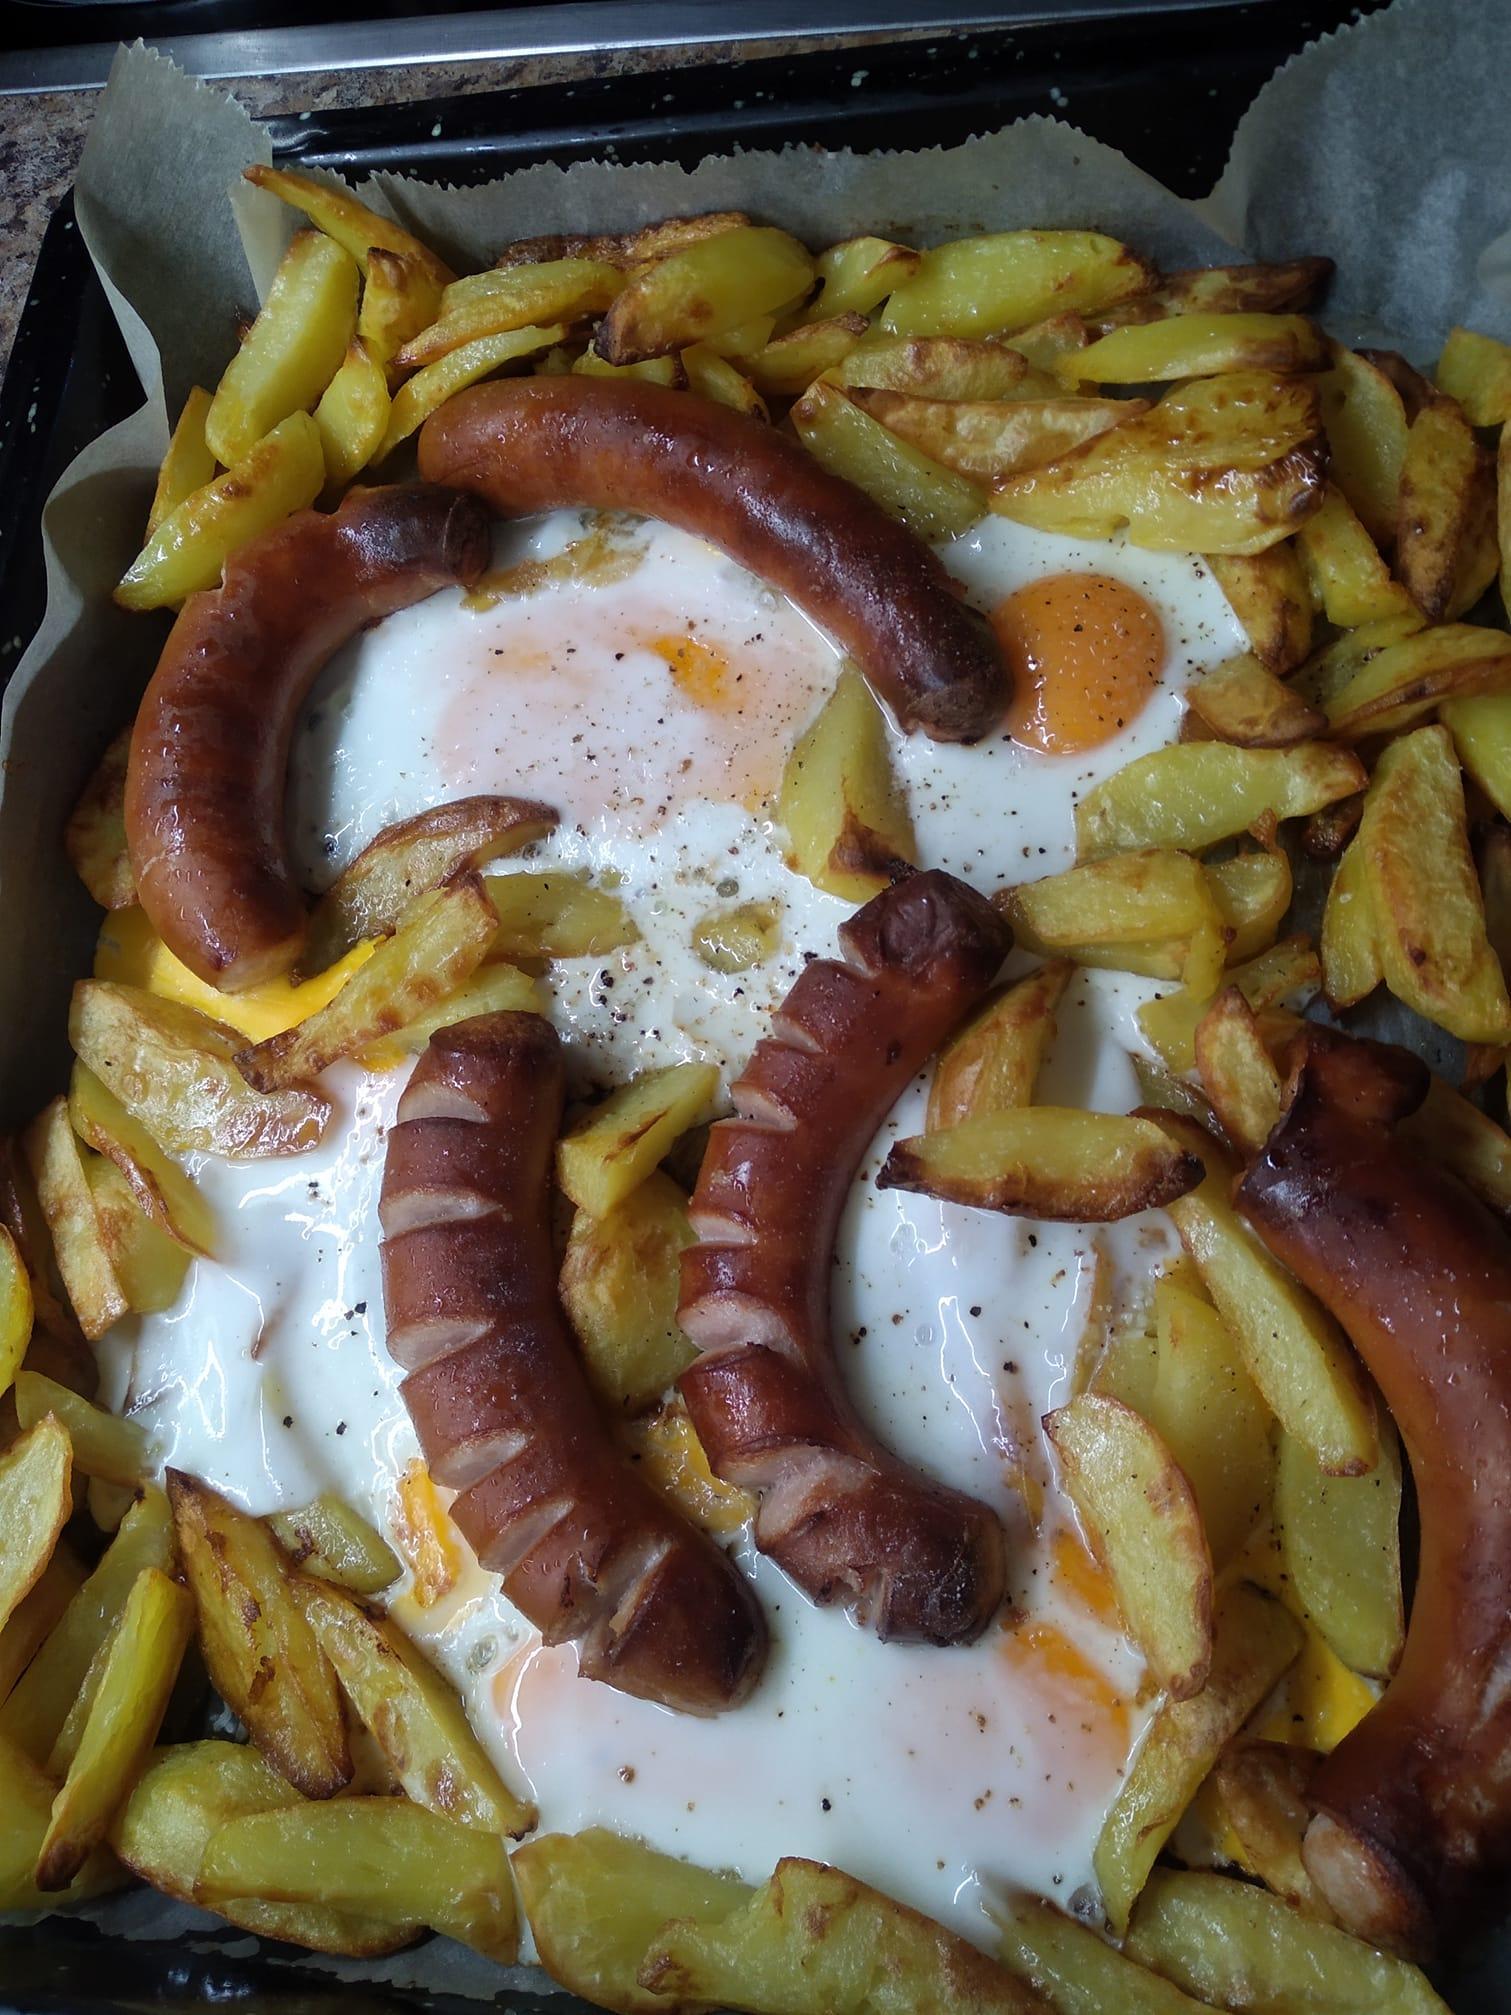 Γρήγορο- φαγητό- : Πατάτες-, αυγά -και- λουκάνικα- στην- λαδόκολλα-